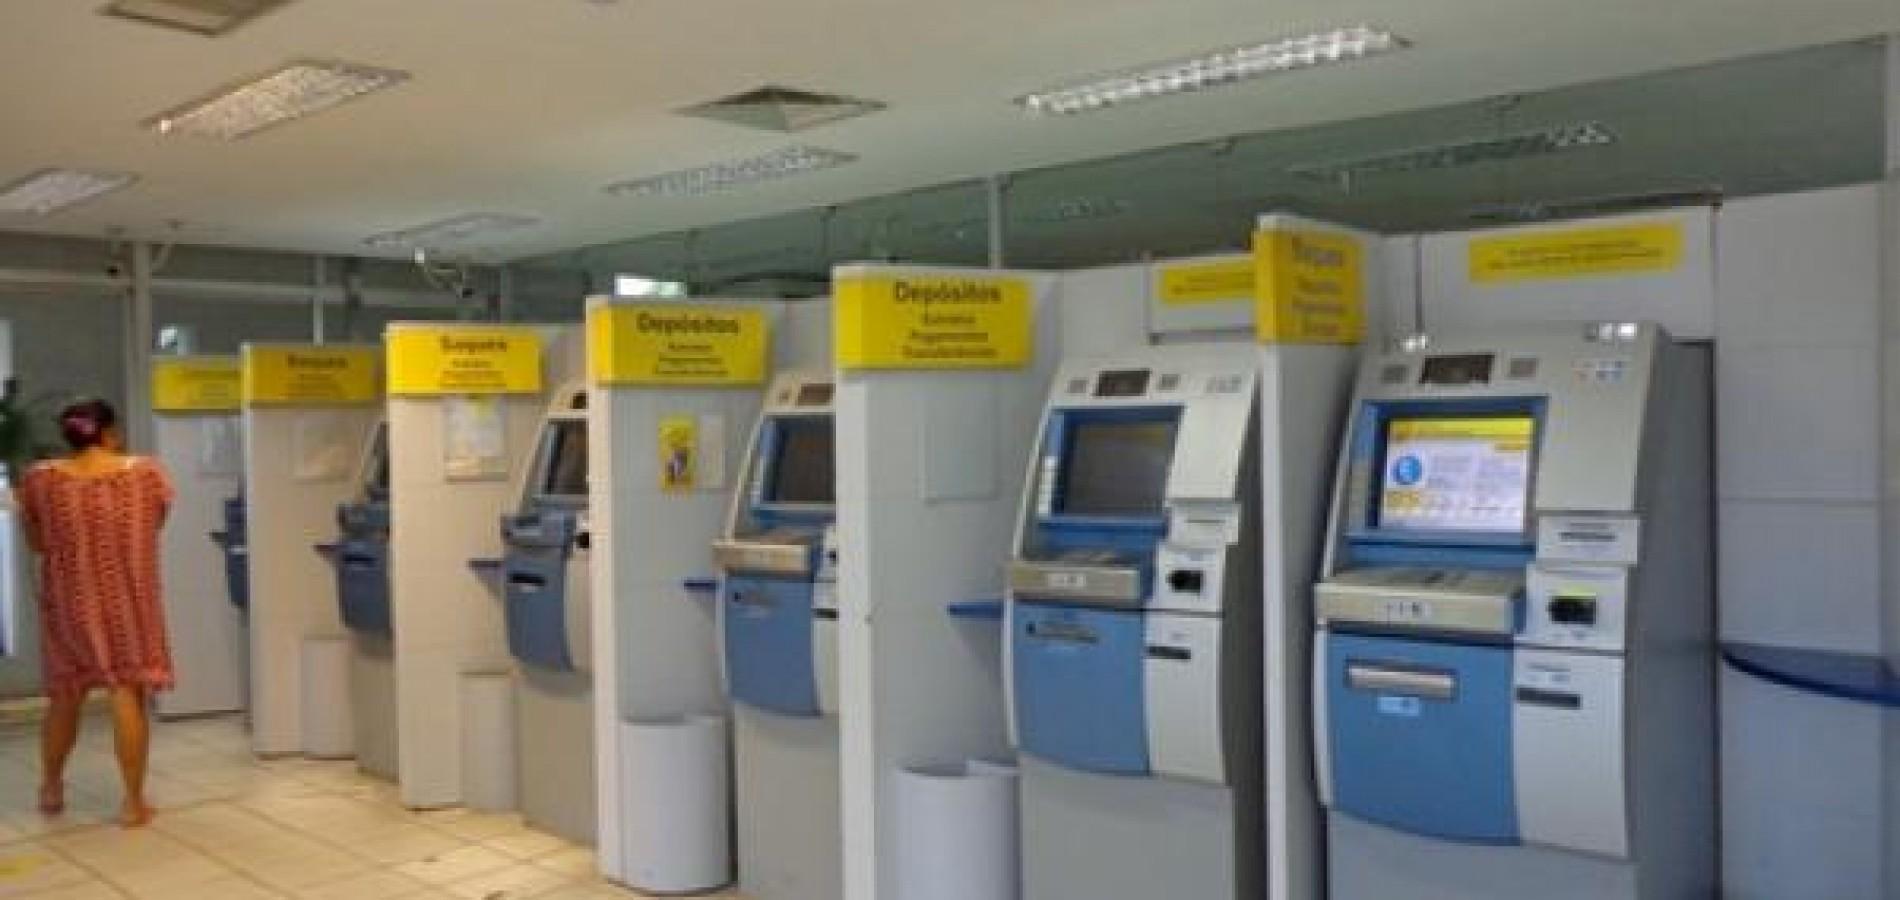 Resultado de imagem para caixa banco brasil